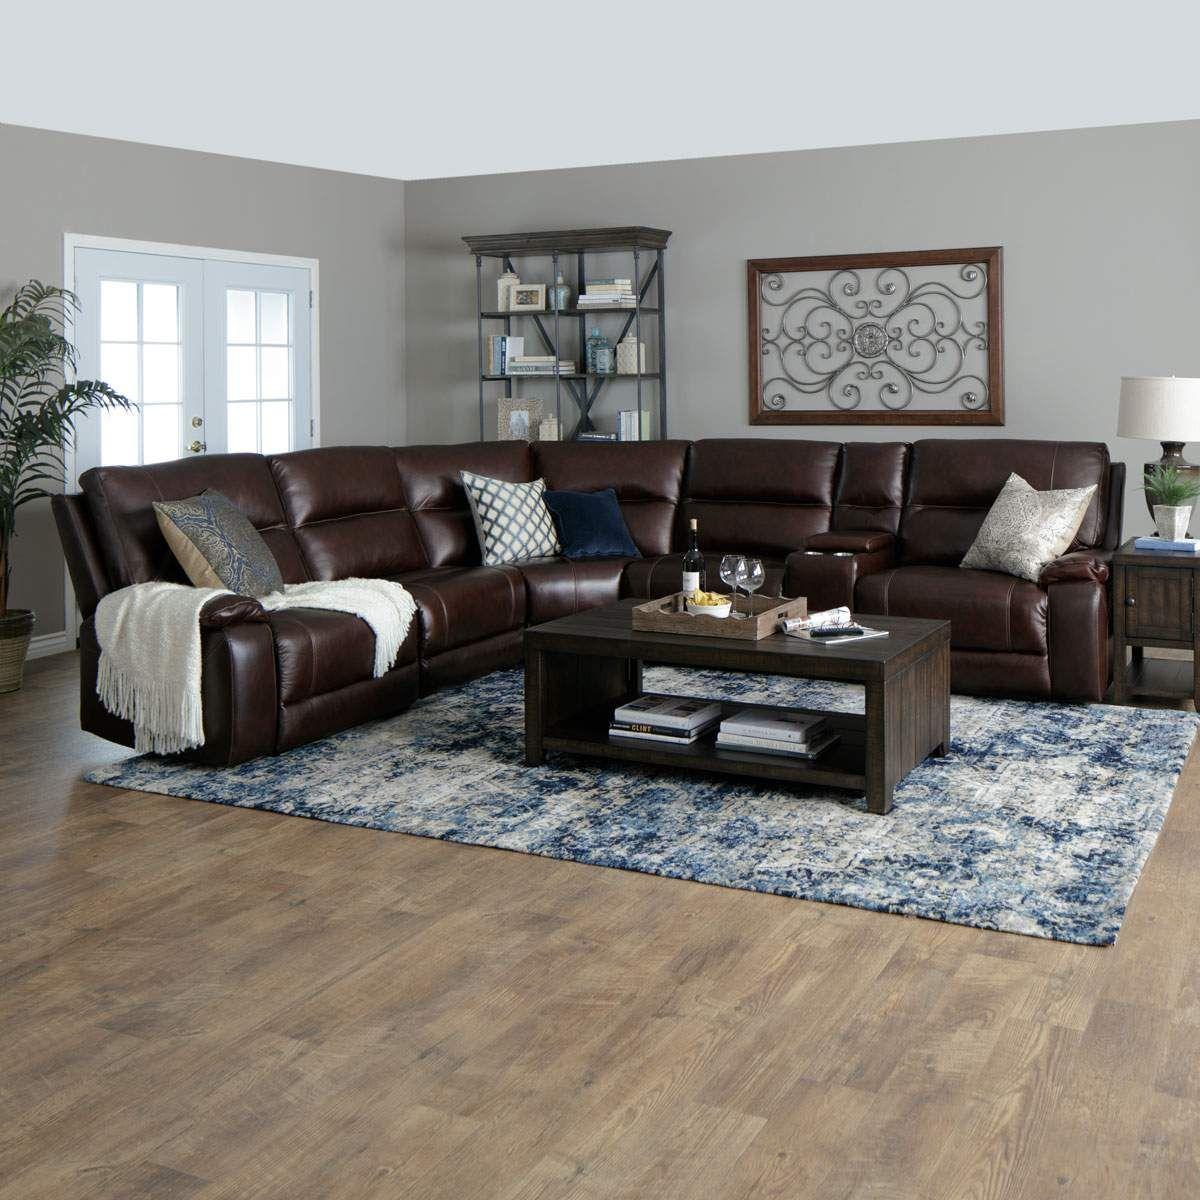 portofino 6pc sectional in brown  jerome's furniture